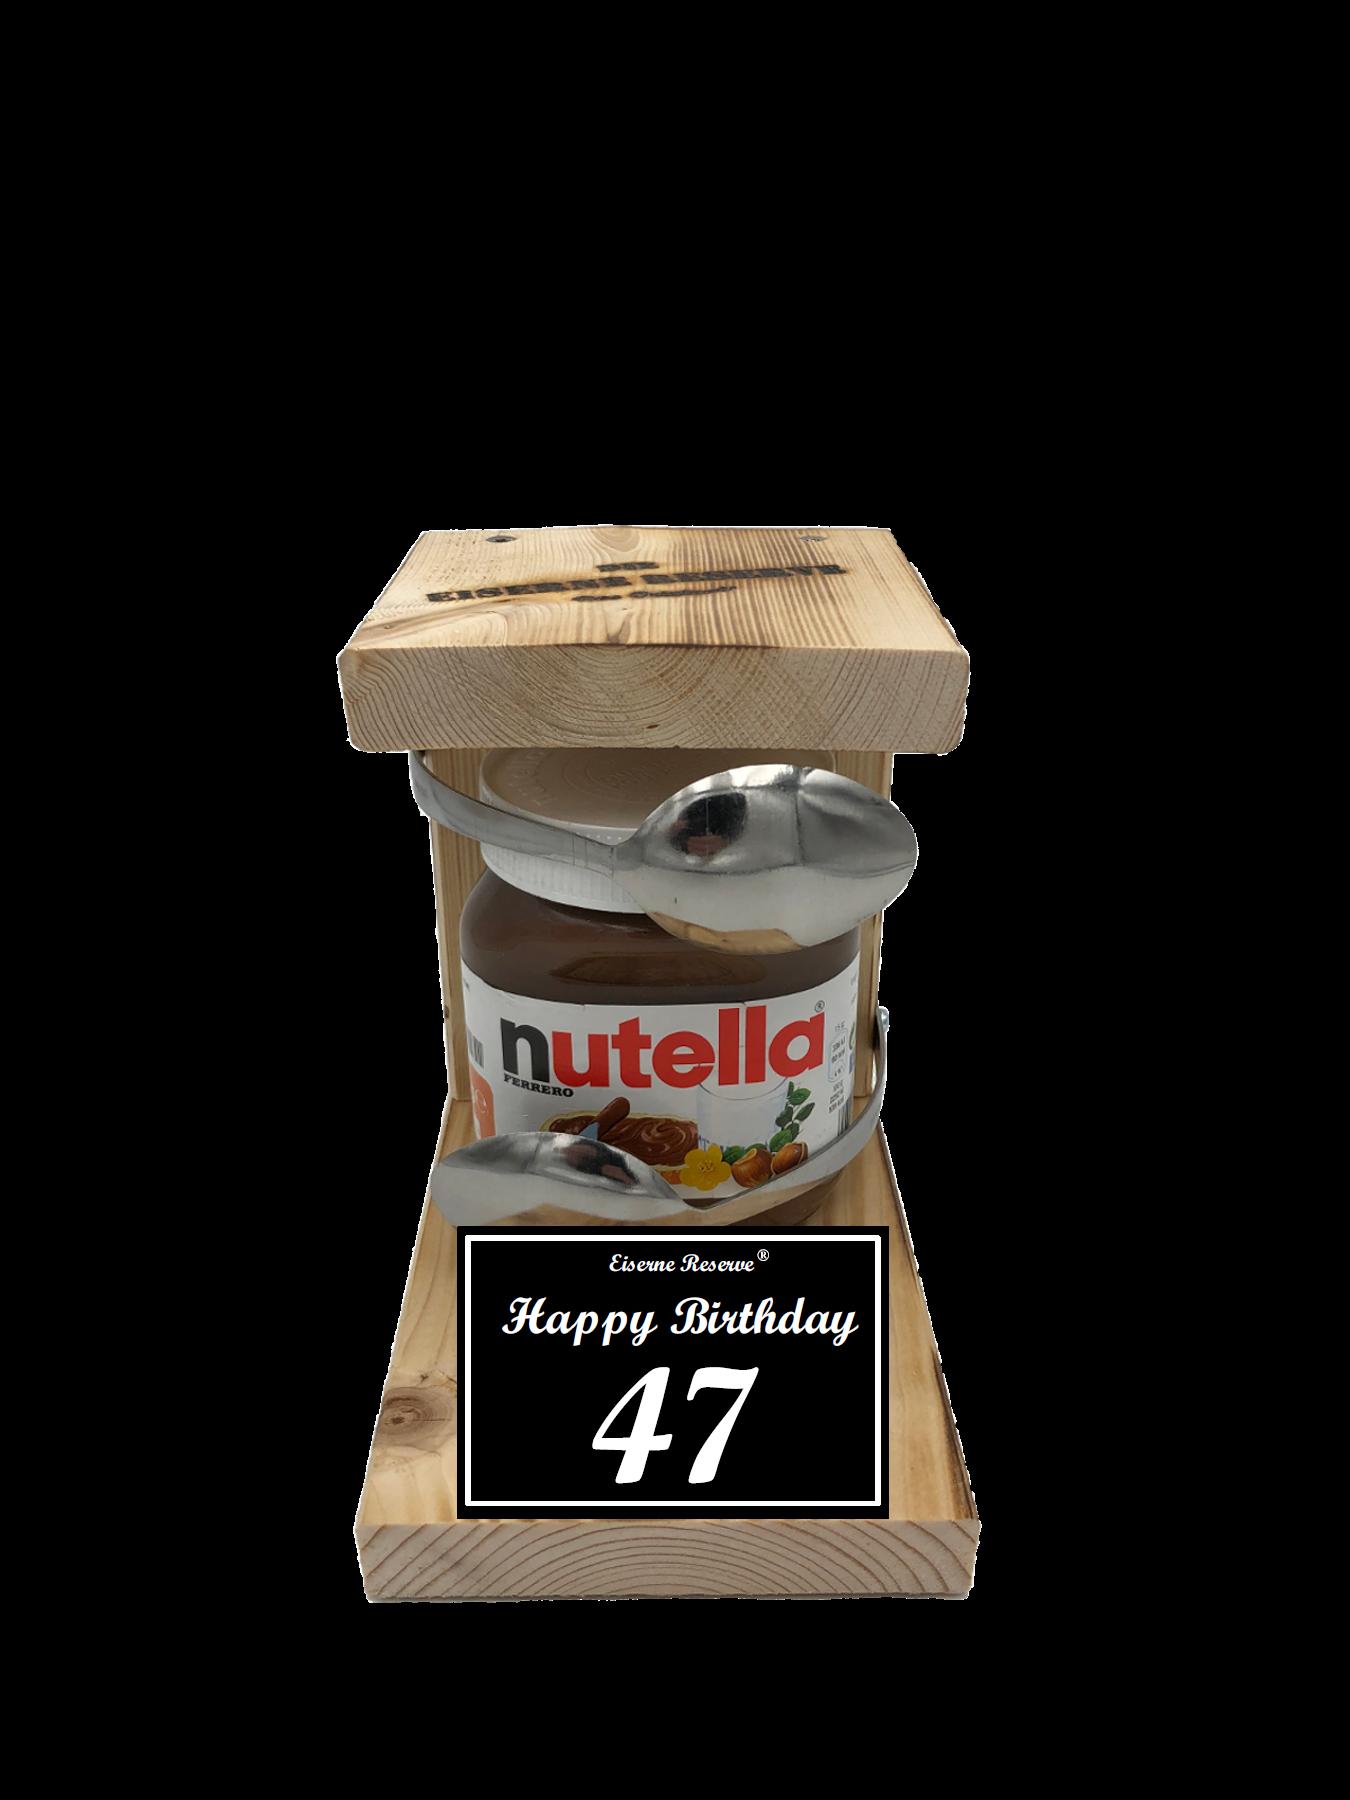 47 Happy Birthday Löffel Nutella Geschenk - Die Nutella Geschenkidee